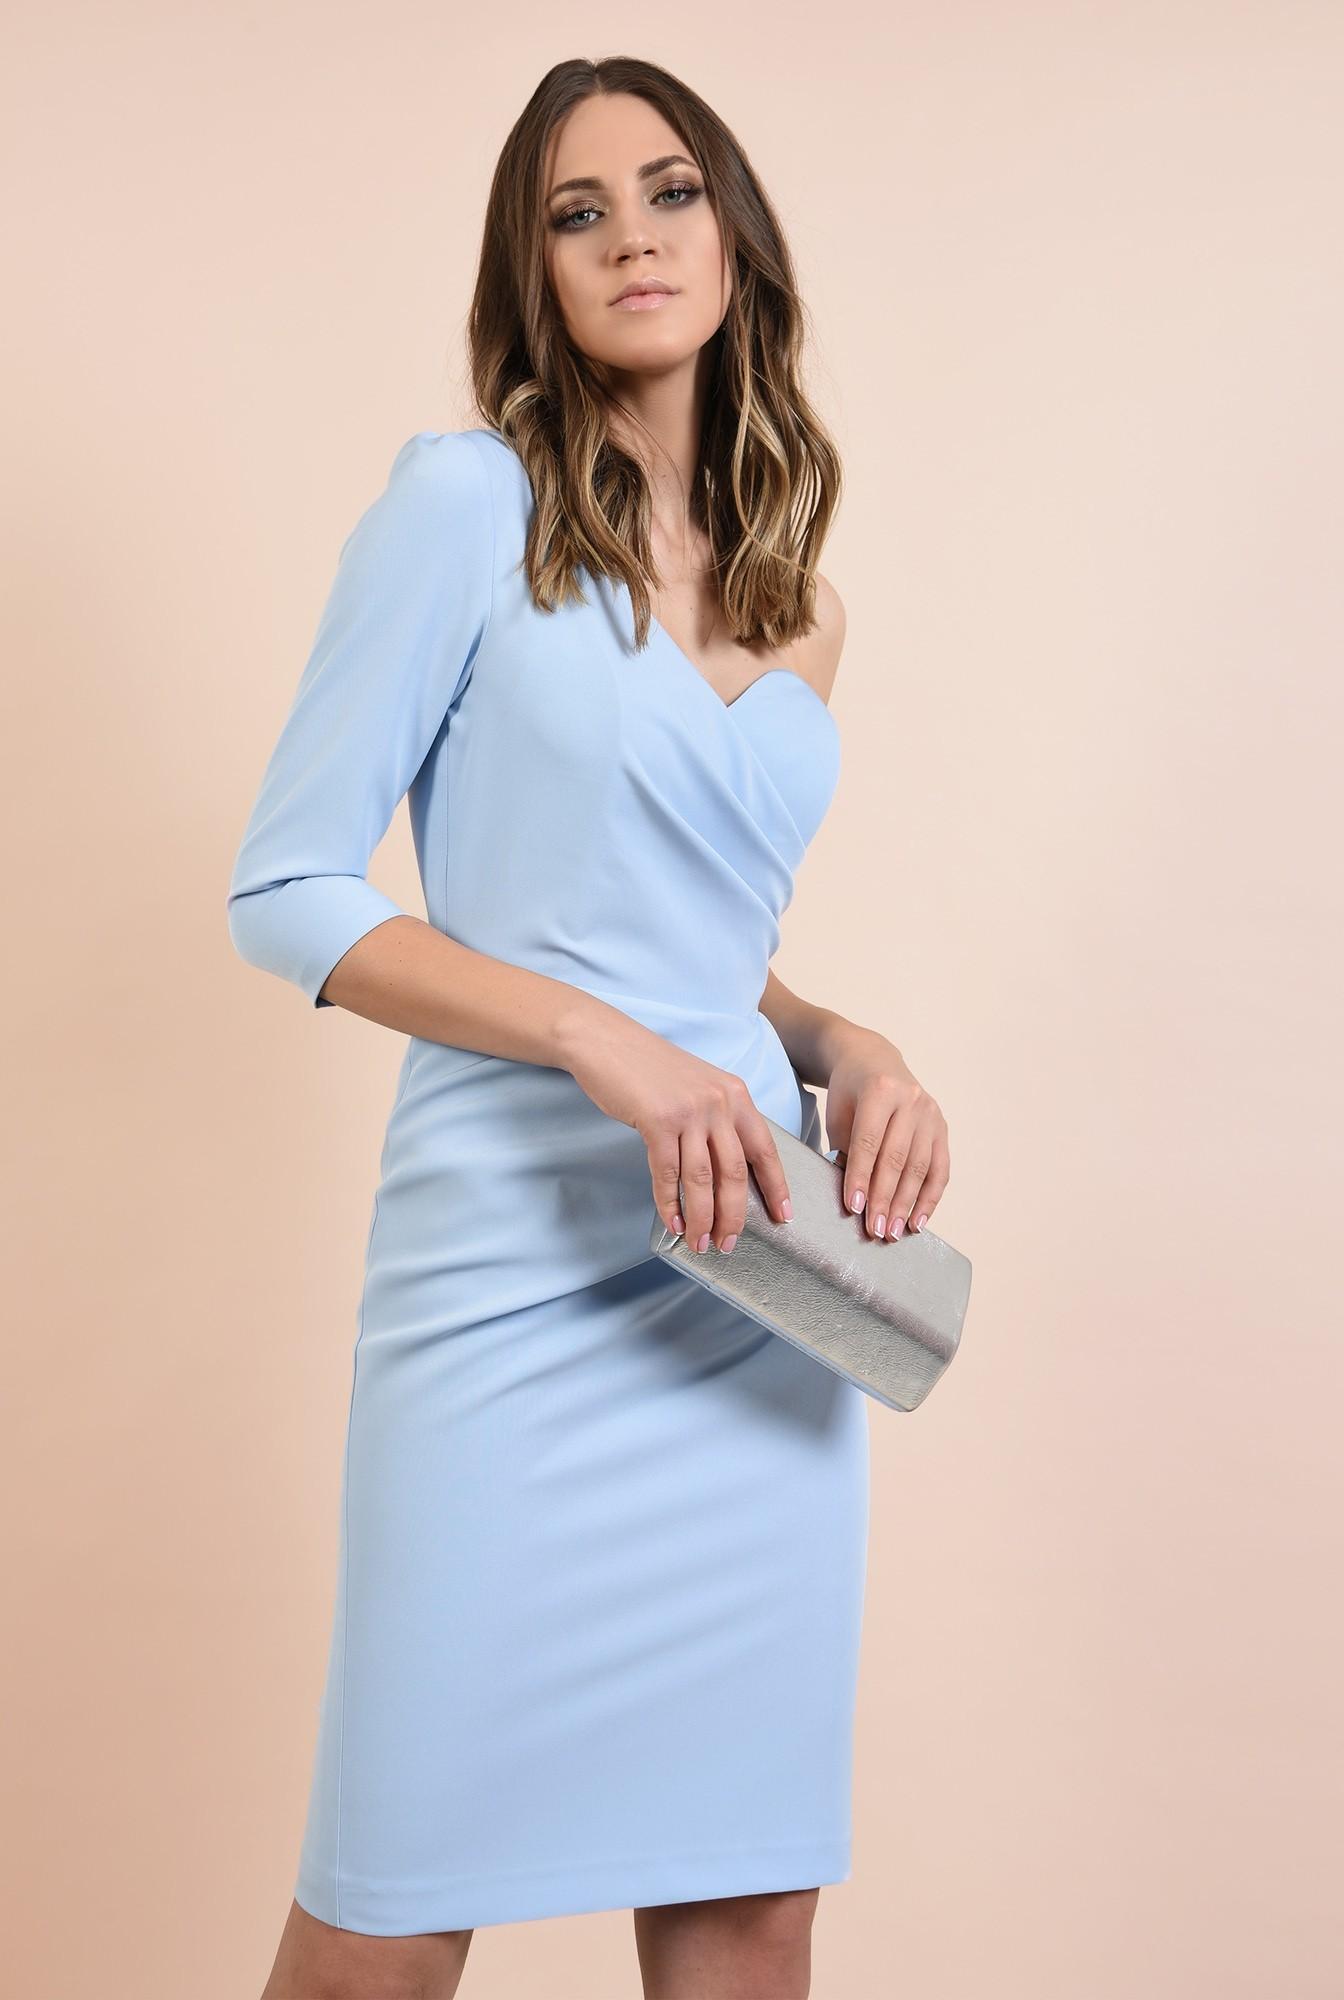 0 - rochie eleganta, midi, bleu, corset, decolteu de inima, conica